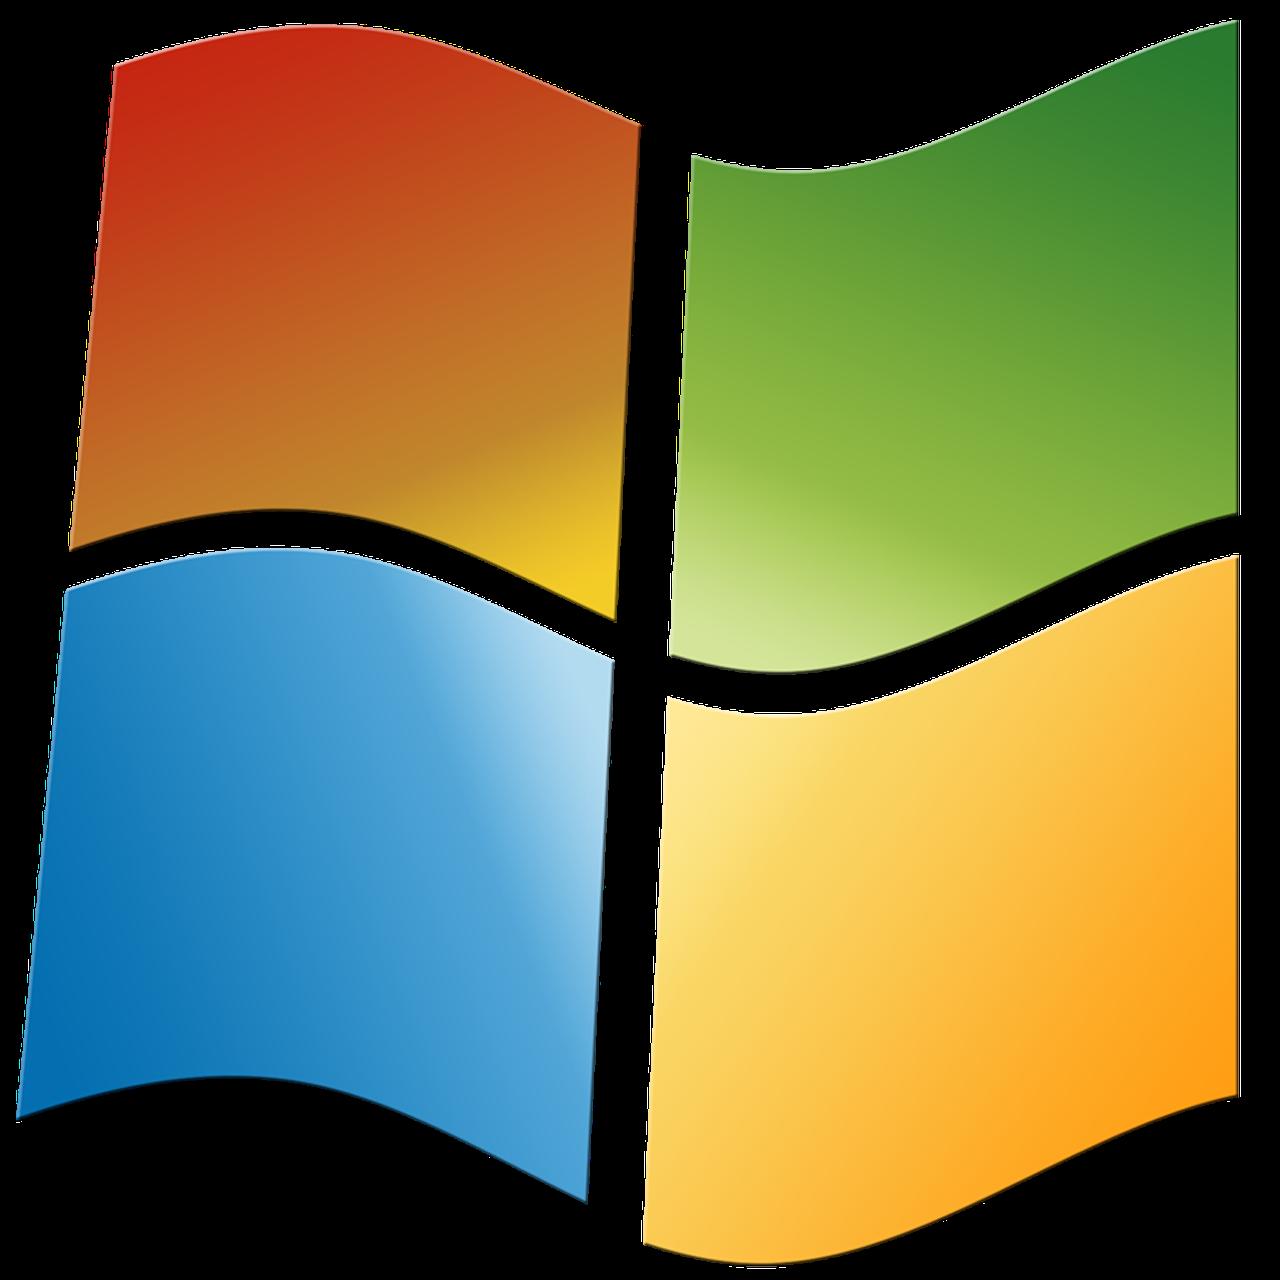 Cara Menginstall Windows 7 64 Bit Di Laptop Hp 14 Am008tu Bang Blog Am517tu Black Oke Pada Postingan Kali Ini Saya Akan Memberikan Tutorial Tentang Yang Mana Sebagian Drivernya Tidak